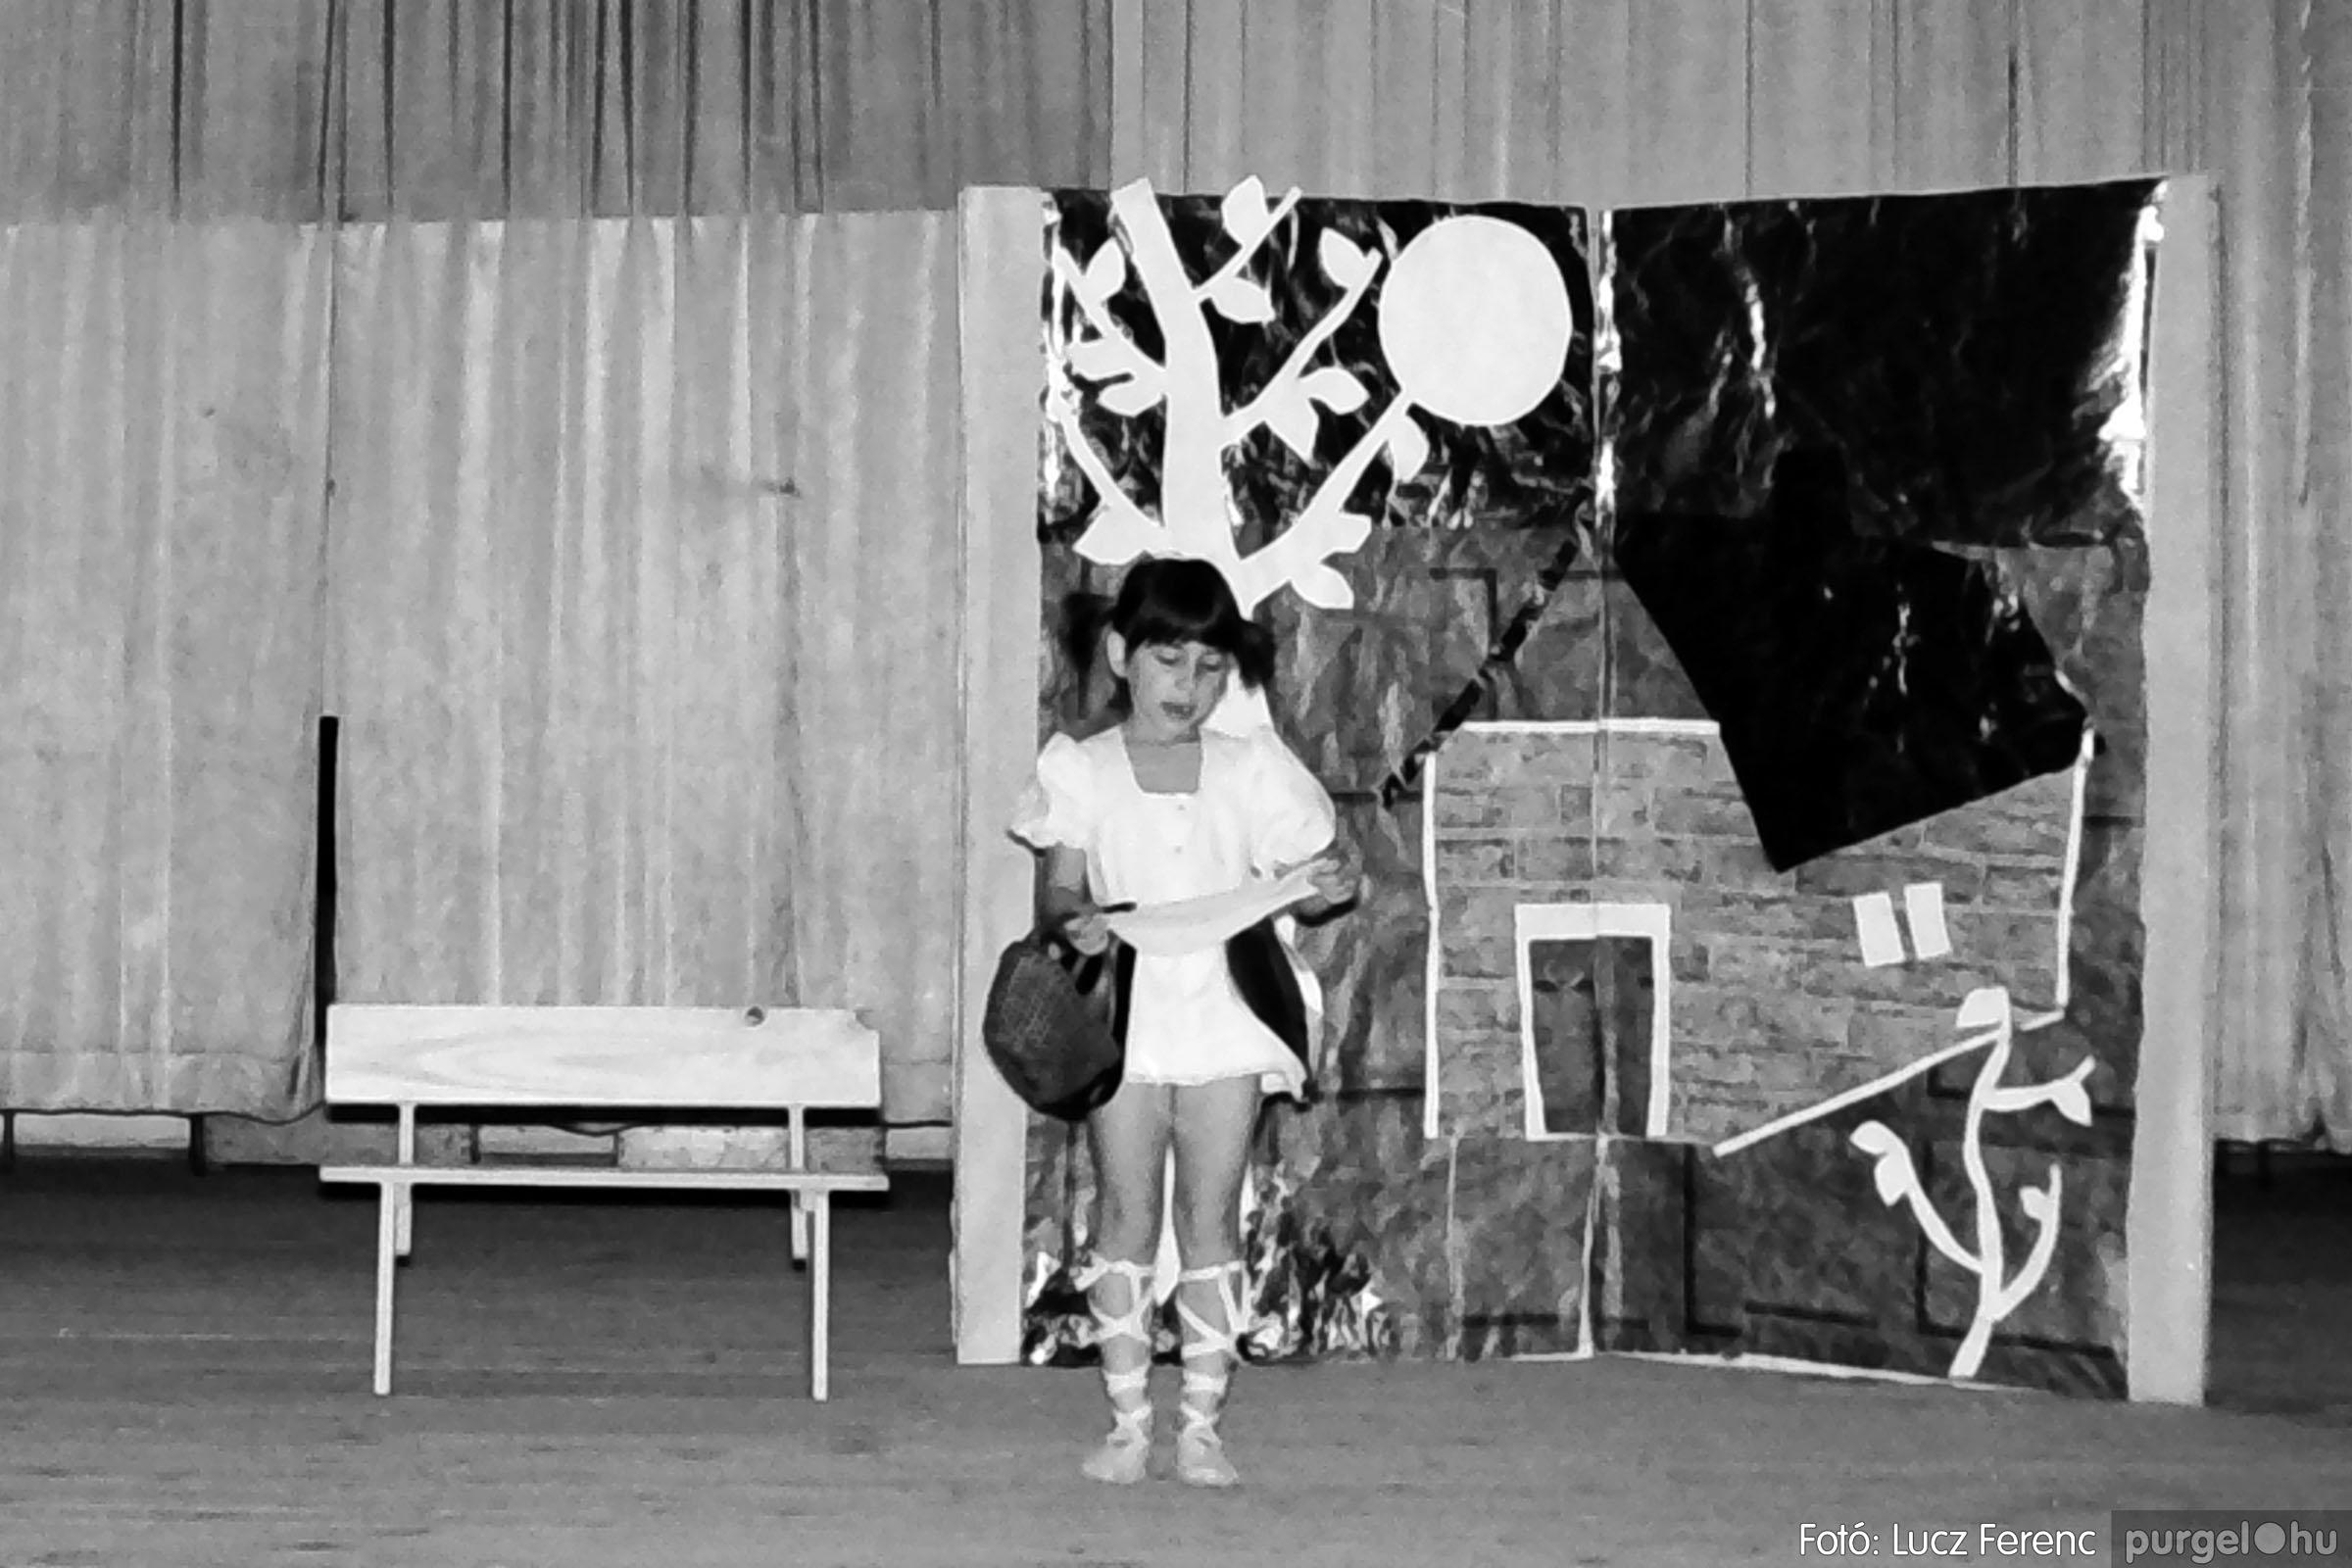 036-037. 1976. Diákprogram a kultúrházban 008 - Fotó: Lucz Ferenc.jpg